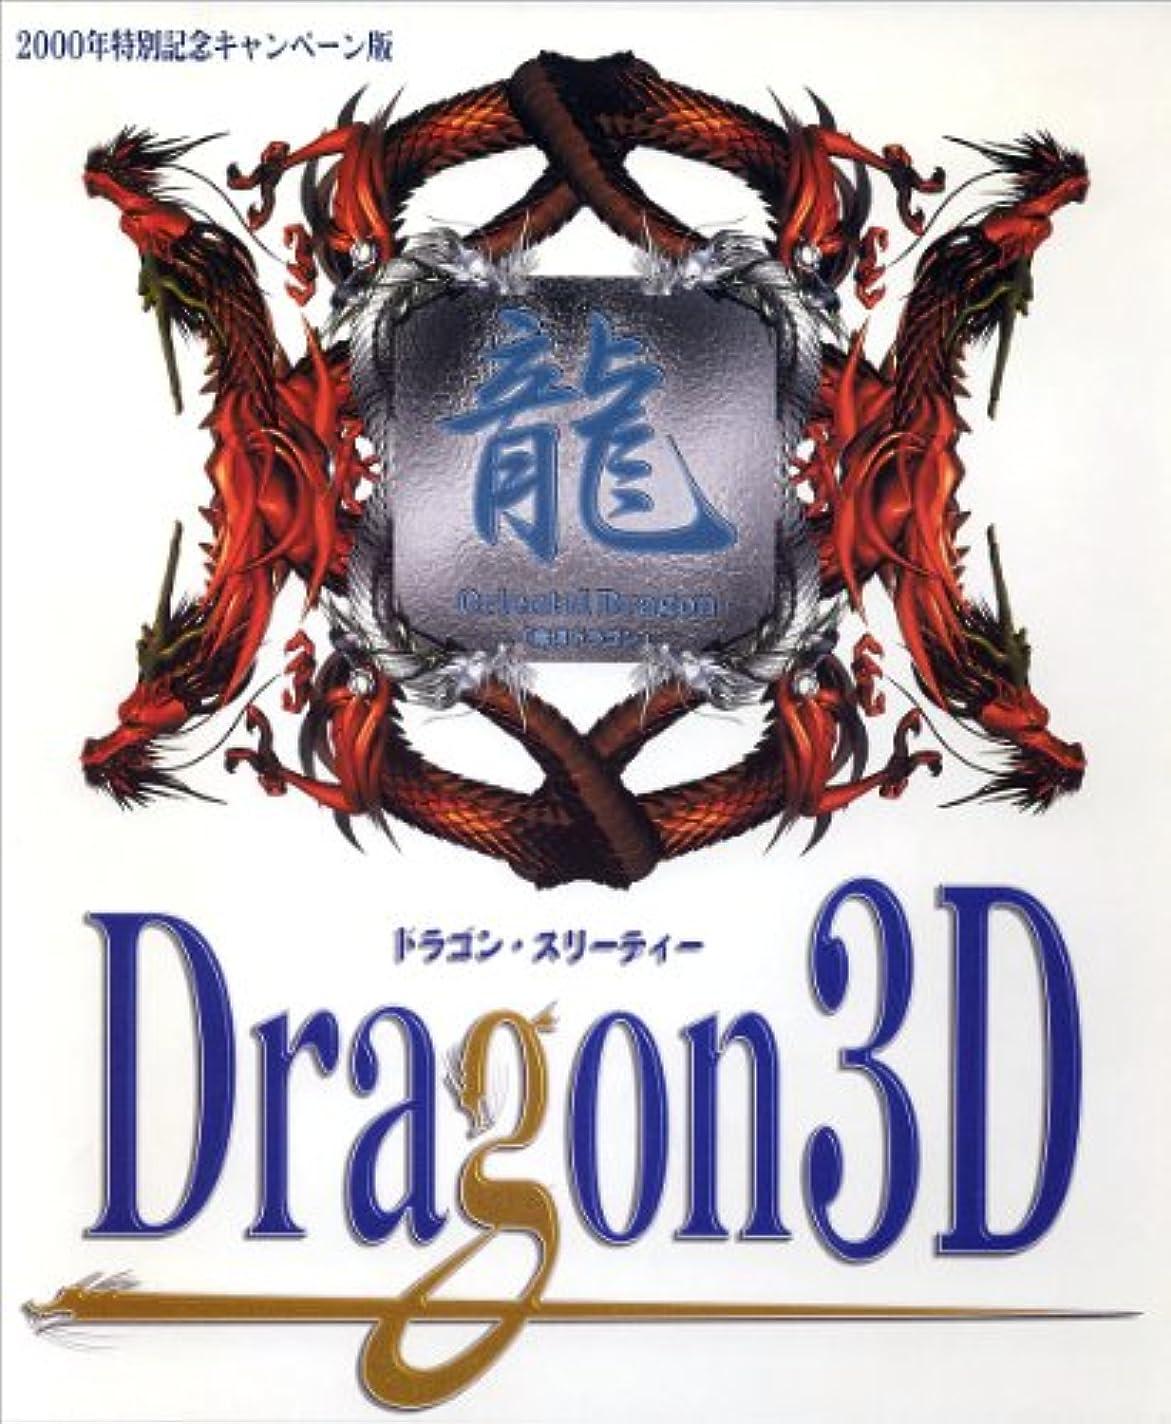 死にかけている組み合わせるエミュレーションDragon 3D 2000年特別記念キャンペーン版